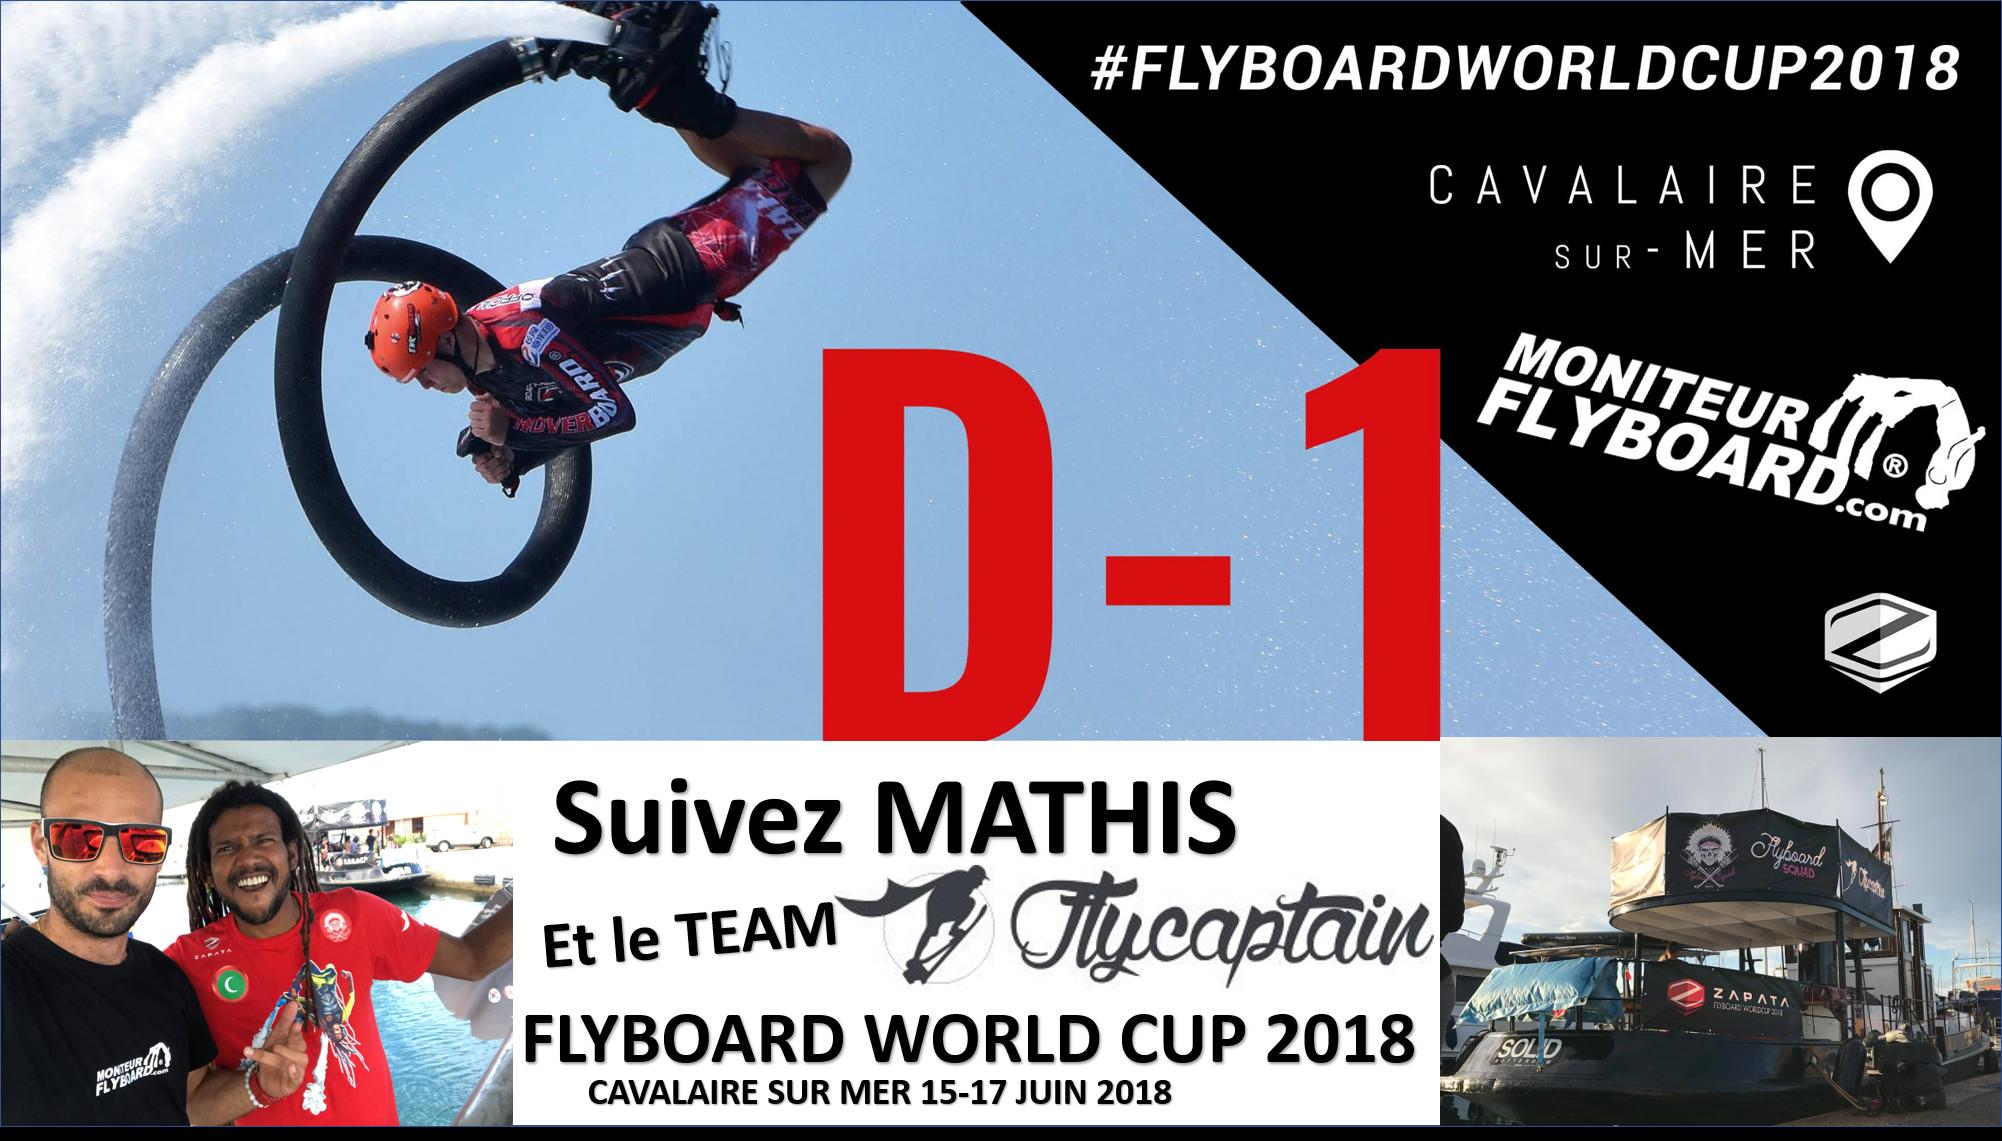 FLYBOARD WORLD CUP 2018 CAVALAIRE 15-17 juin Suivez Mathis Candavoine et tout le TEAM Flycaptain sur https://www.facebook.com/flycaptain/ #moniteurjet #moniteurflyboard #flycaptain